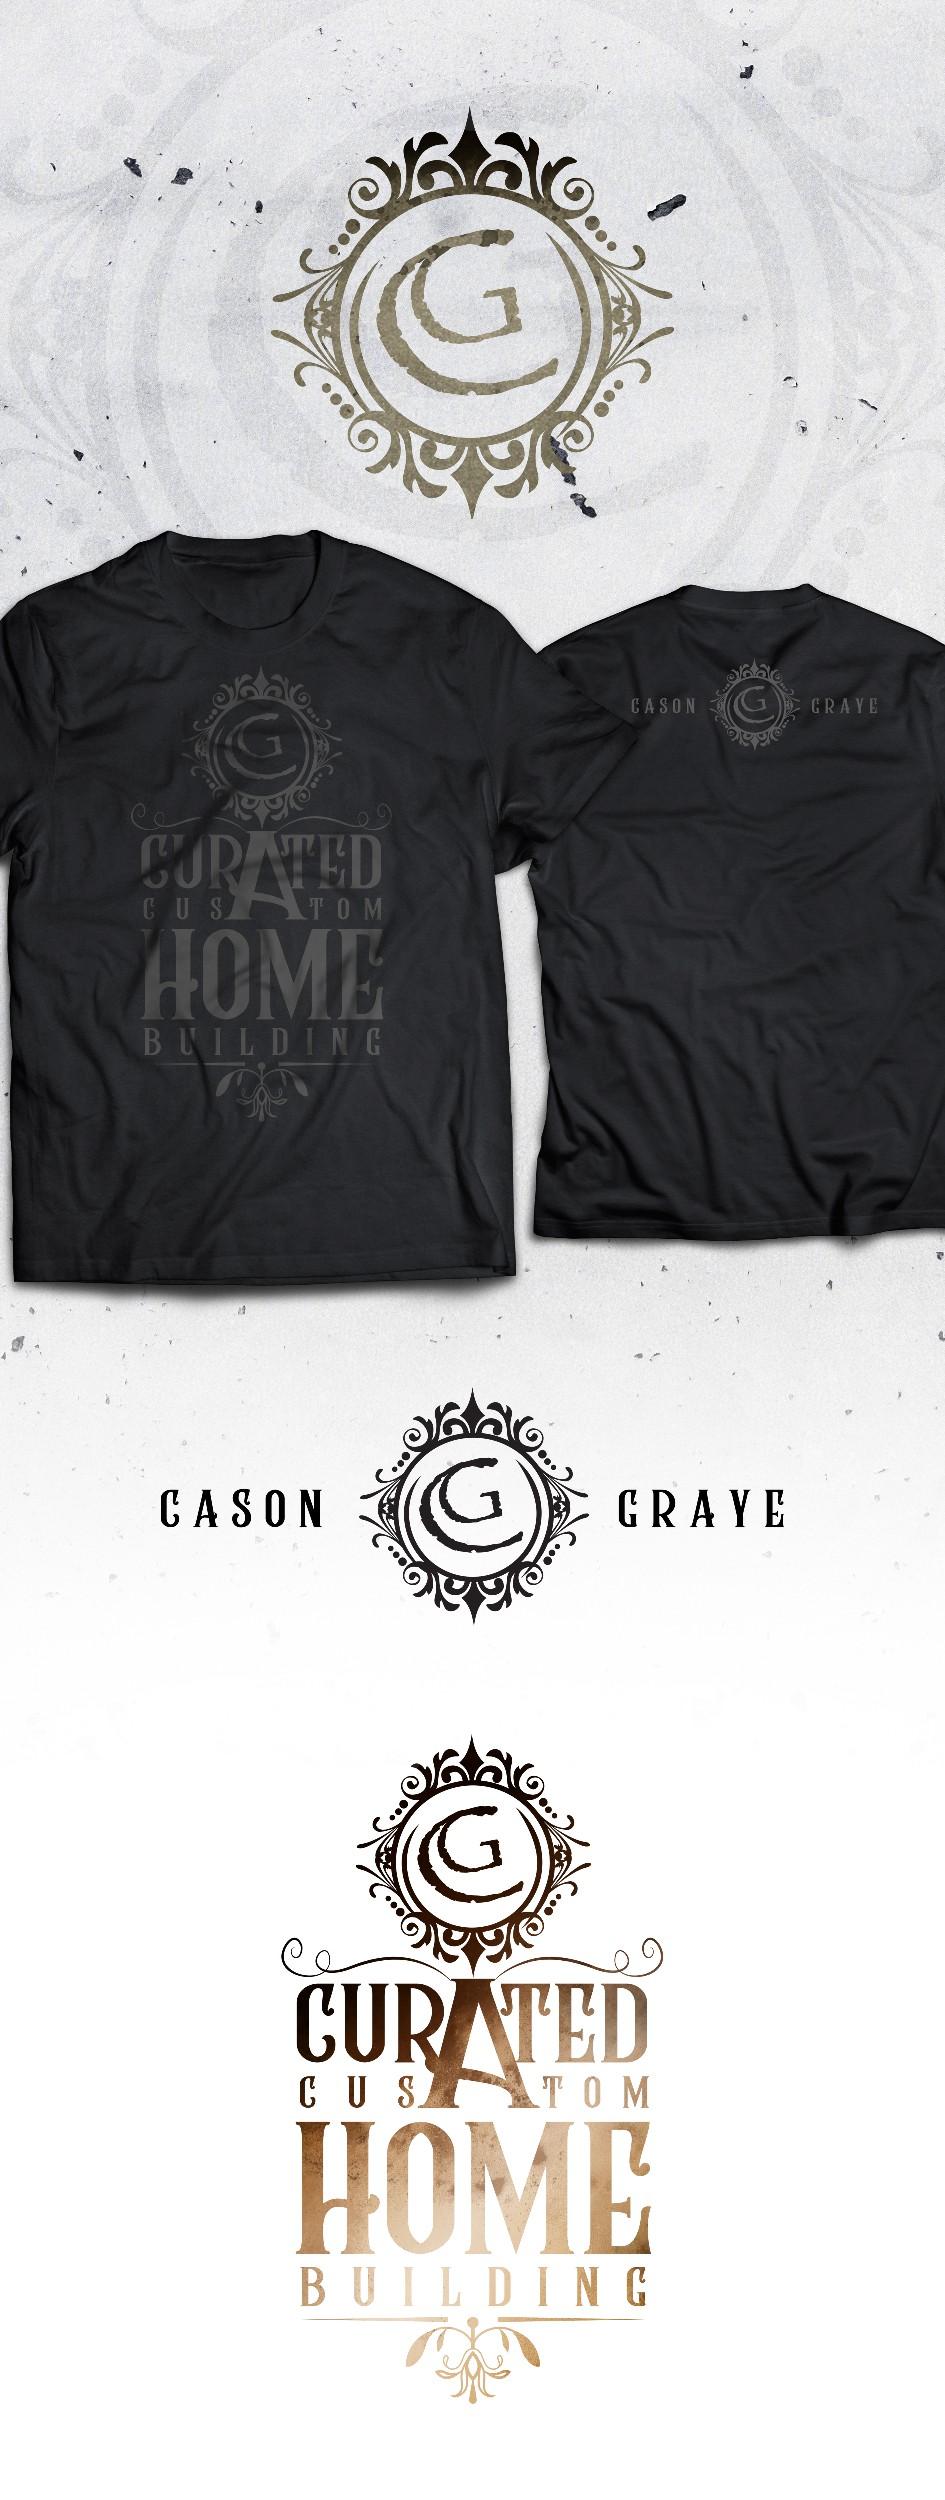 Home Building Company T-Shirt Design